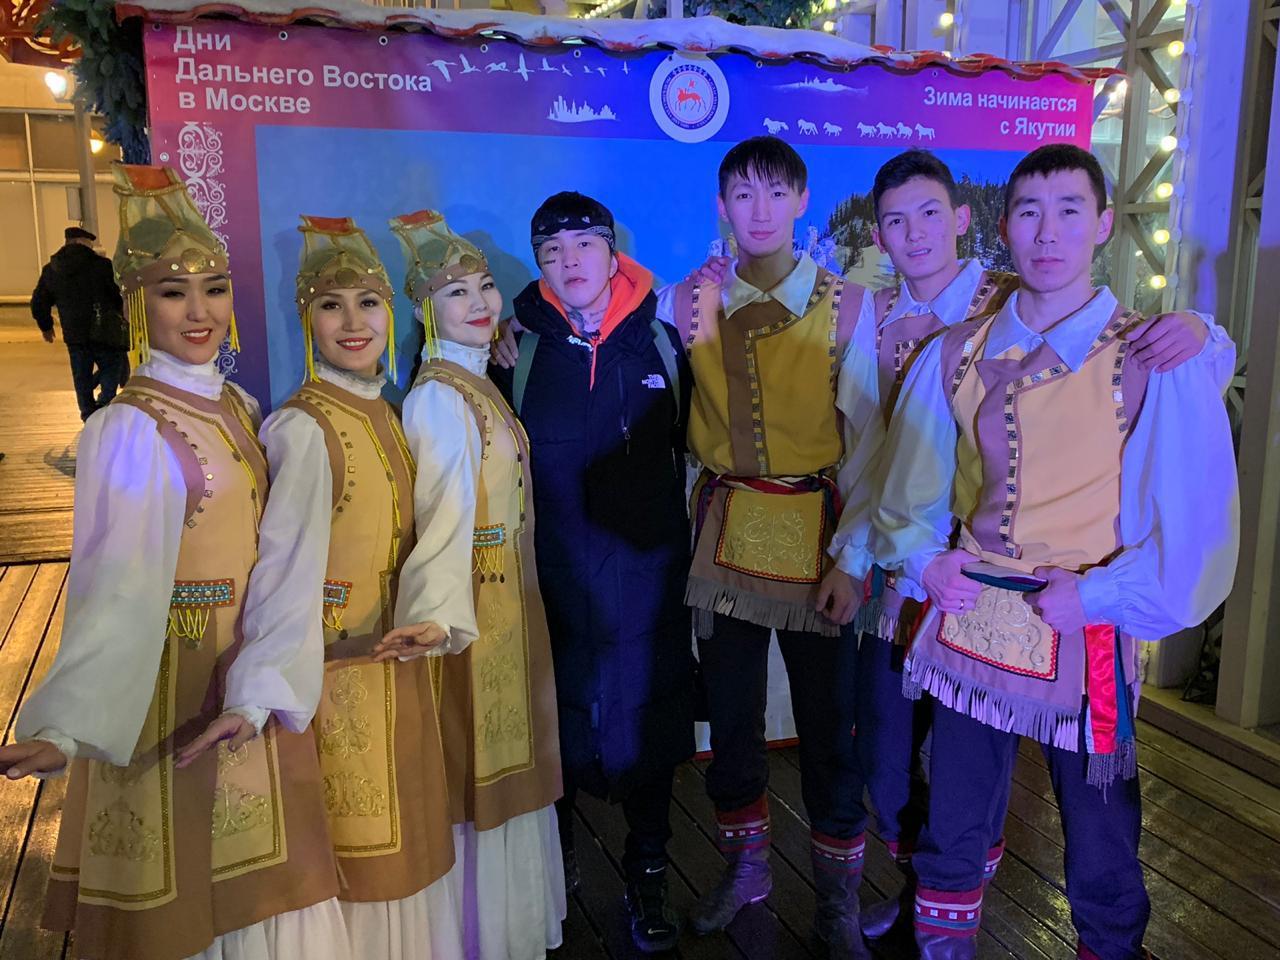 Культурная программа Якутии украсила Дни Дальнего Востока в Москве